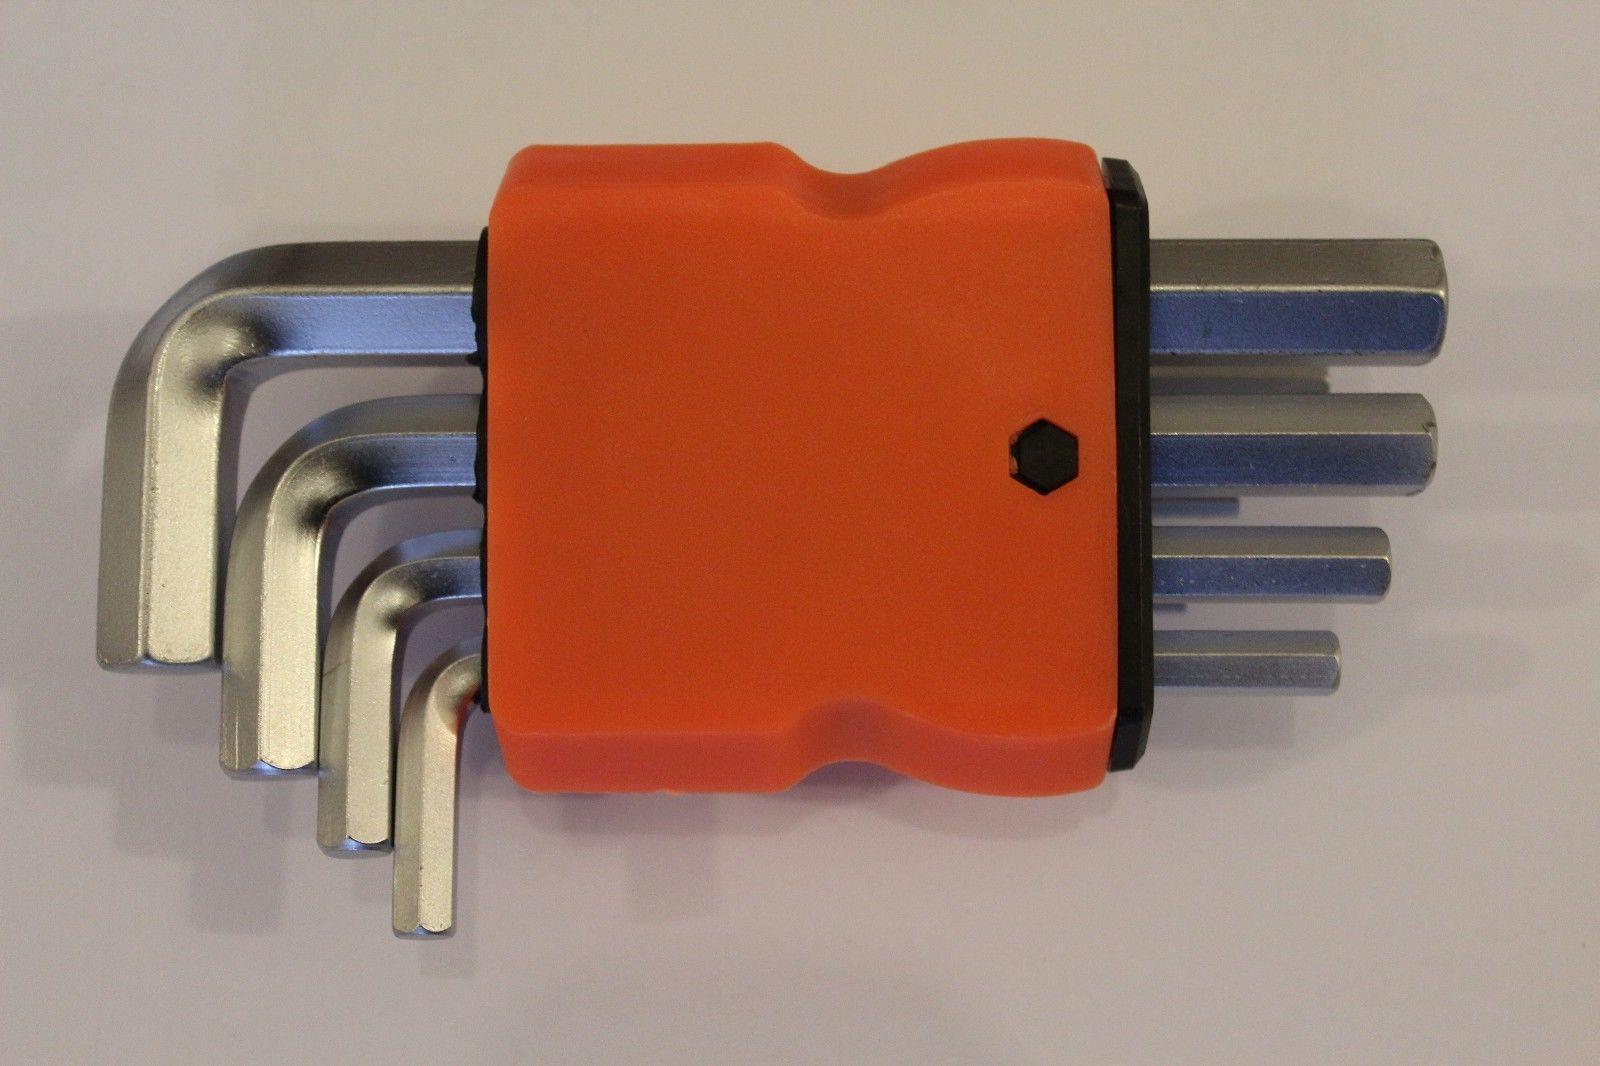 Fitur Set Kunci L 9 In 1 Hex Key Allen Dan Harga Terbaru Detail Gambar Terkini